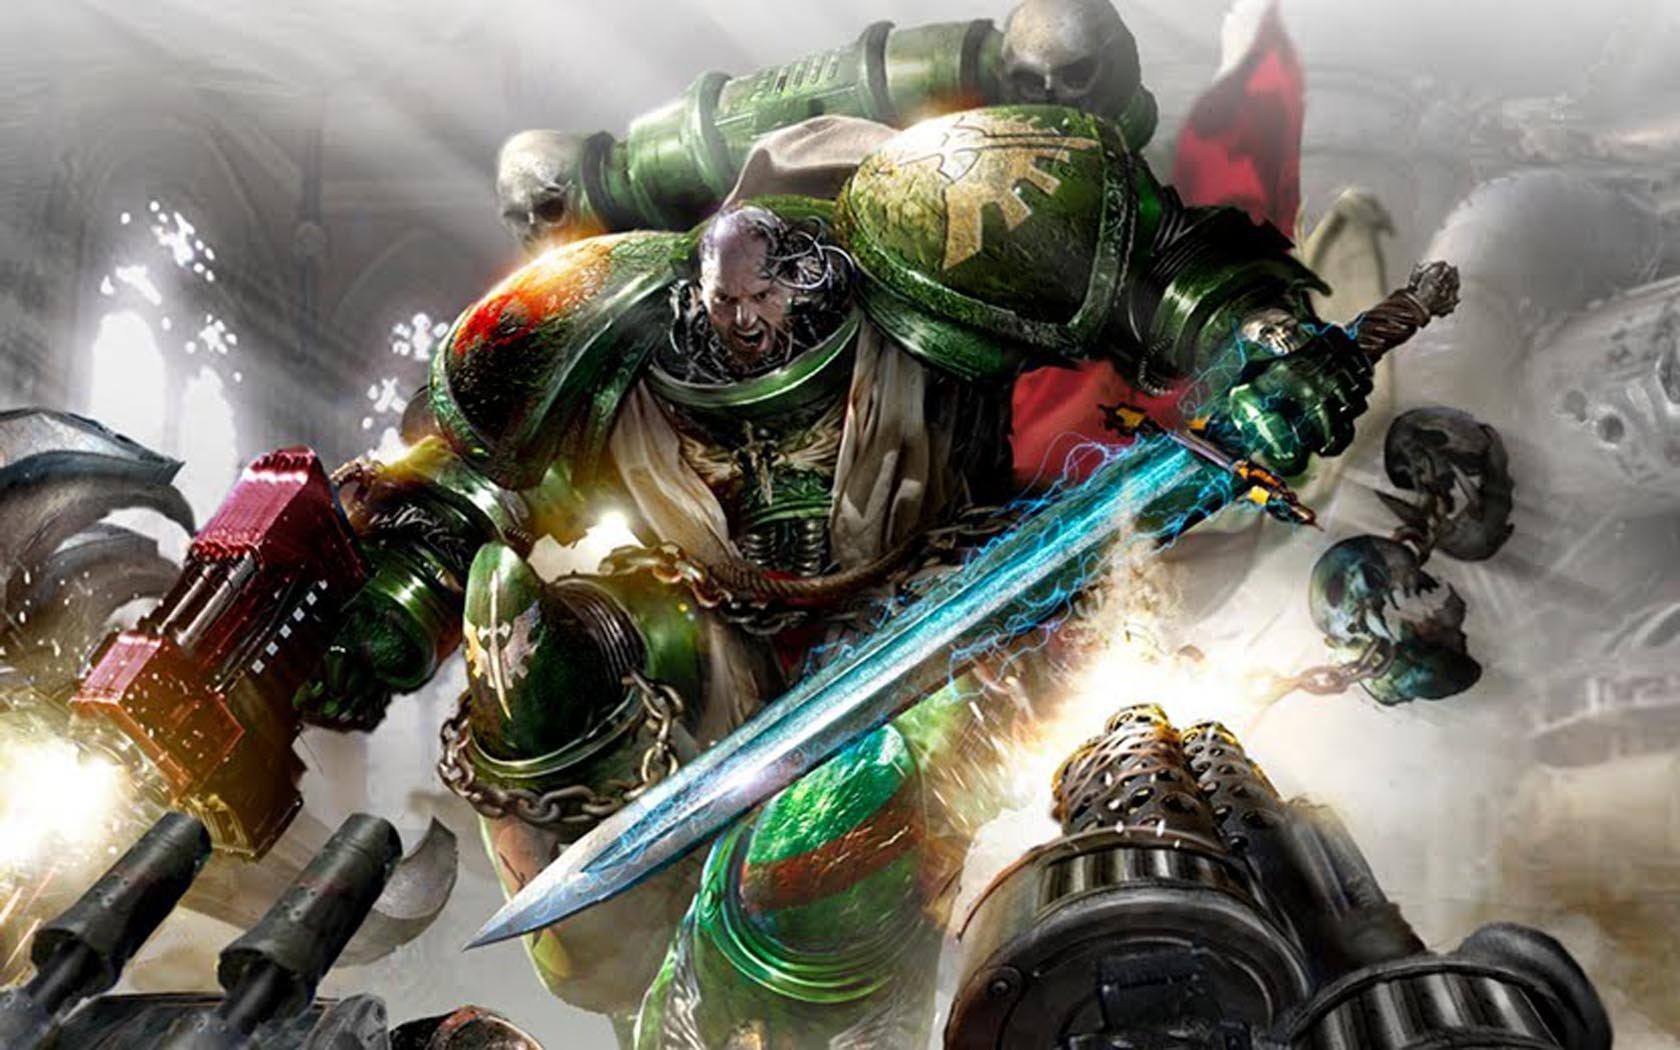 Warhammer 40k death company wallpaper - Warhammer 40k Wallpaper 1680x1050 Warhammer 40k Dark Angels